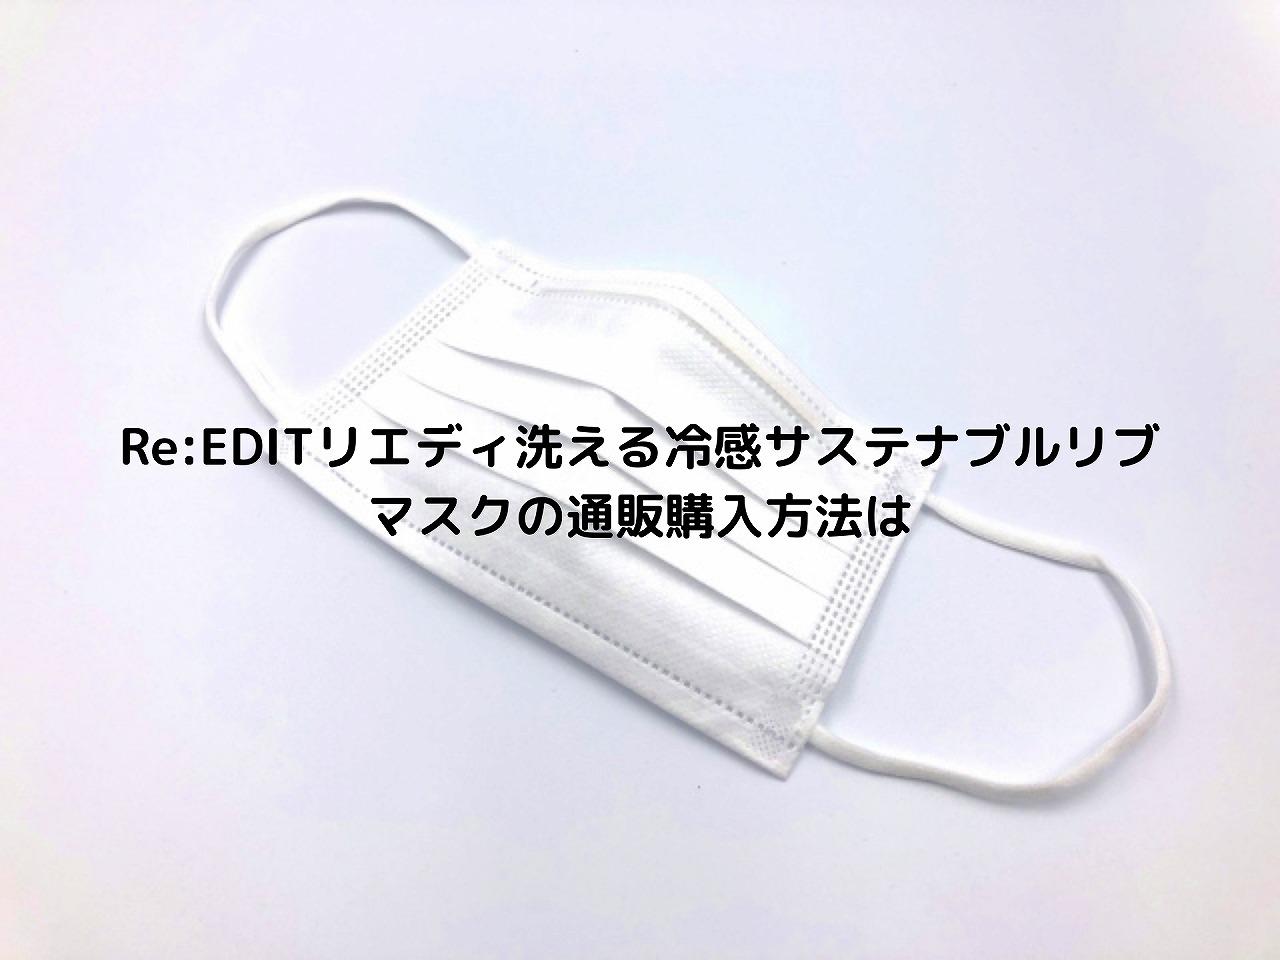 Re_EDIT